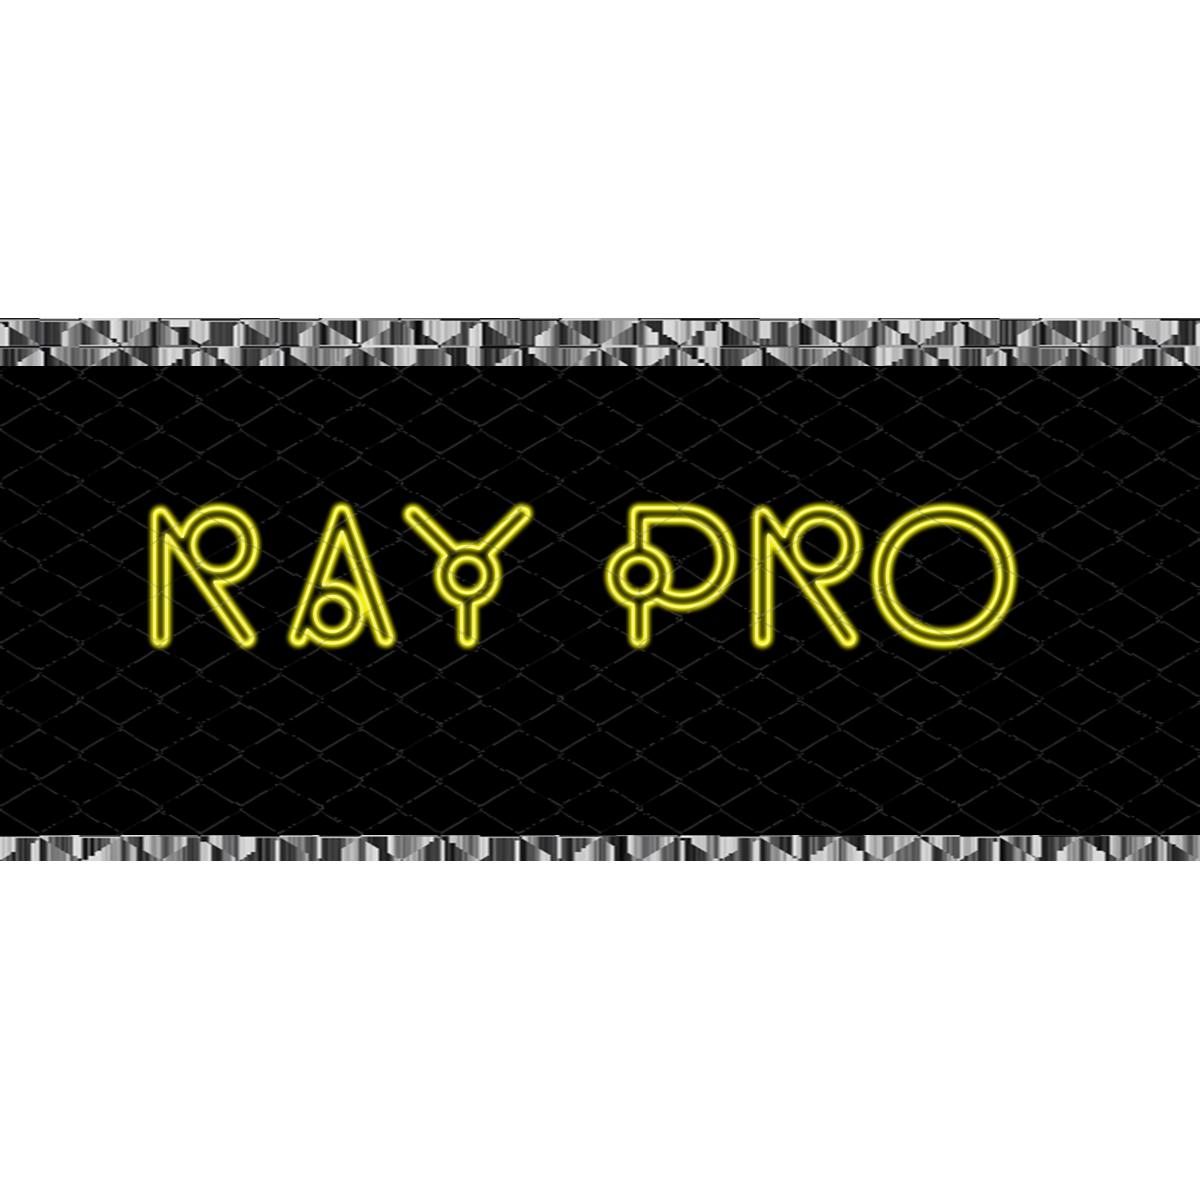 Разработка логотипа (продукт - светодиодная лента) фото f_4315bc1e6bebd59e.png